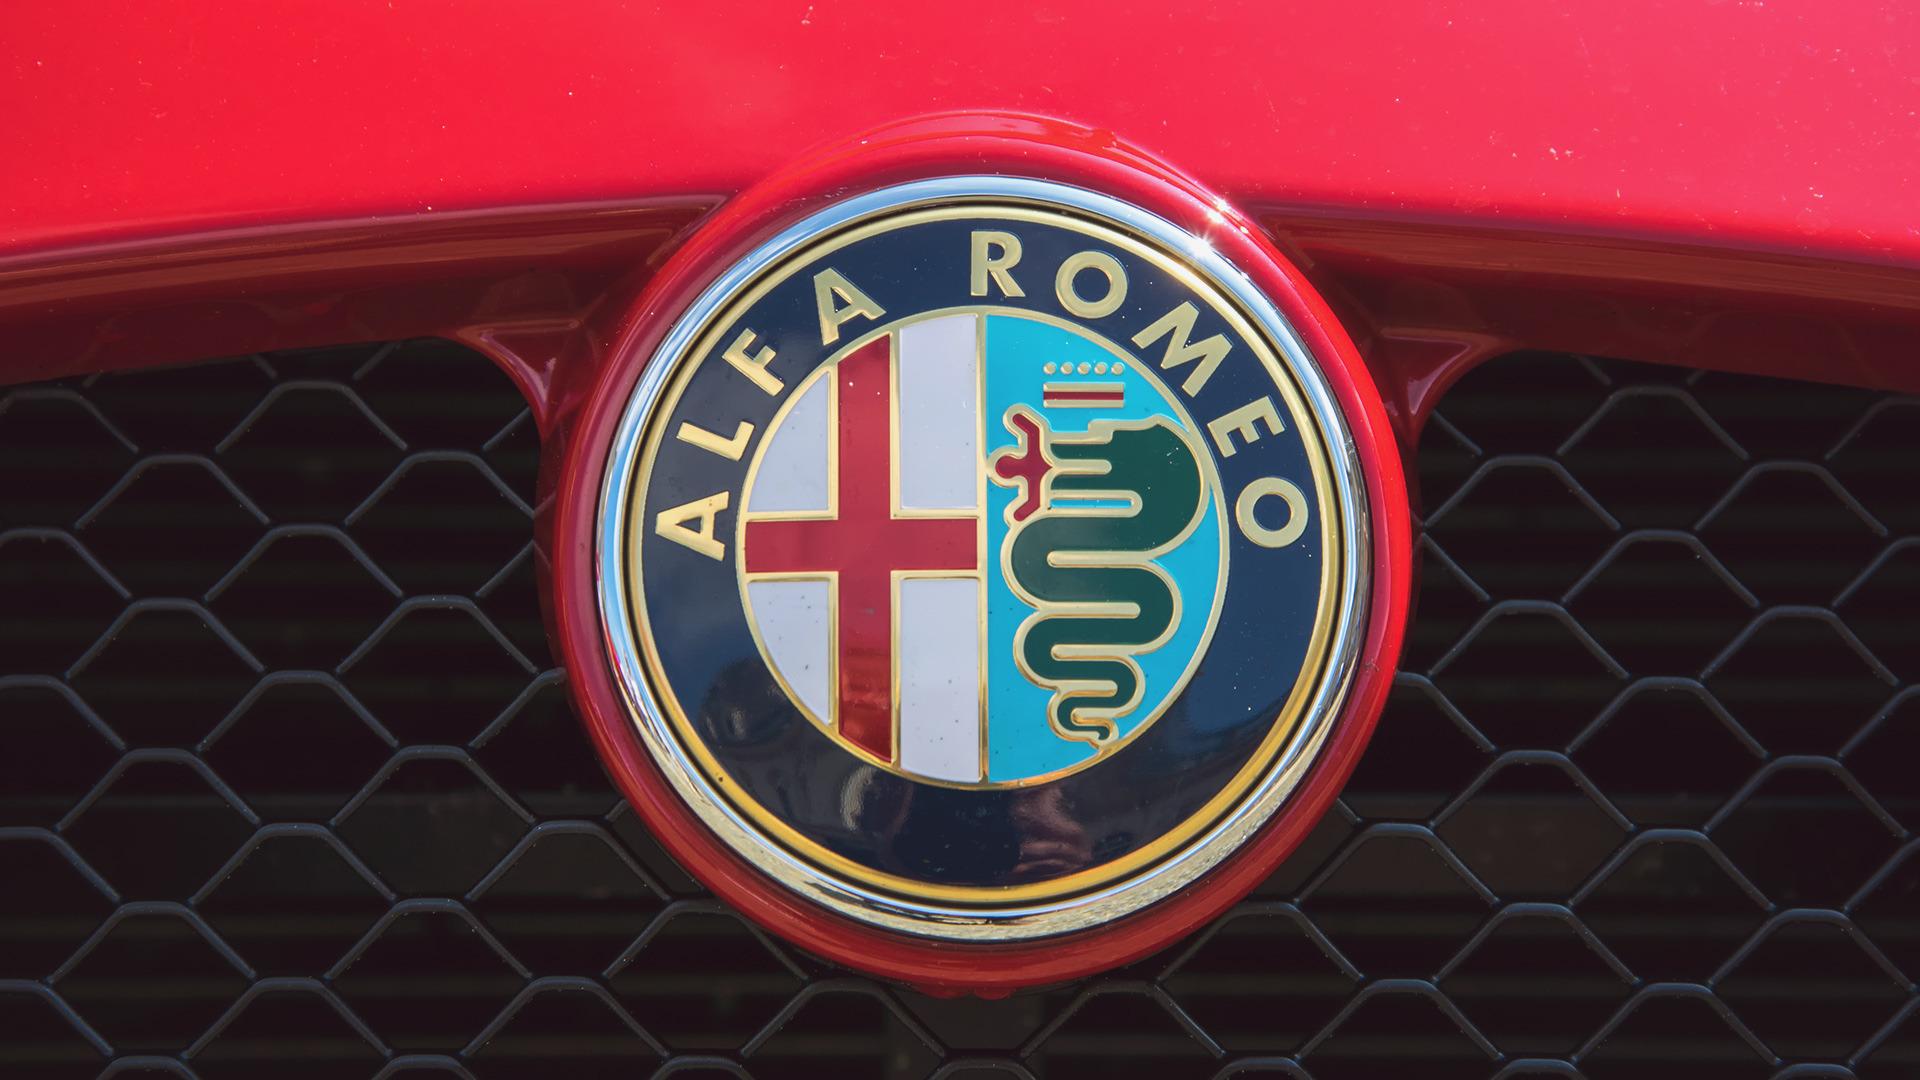 Alfa Romeo News And Reviews Motor1